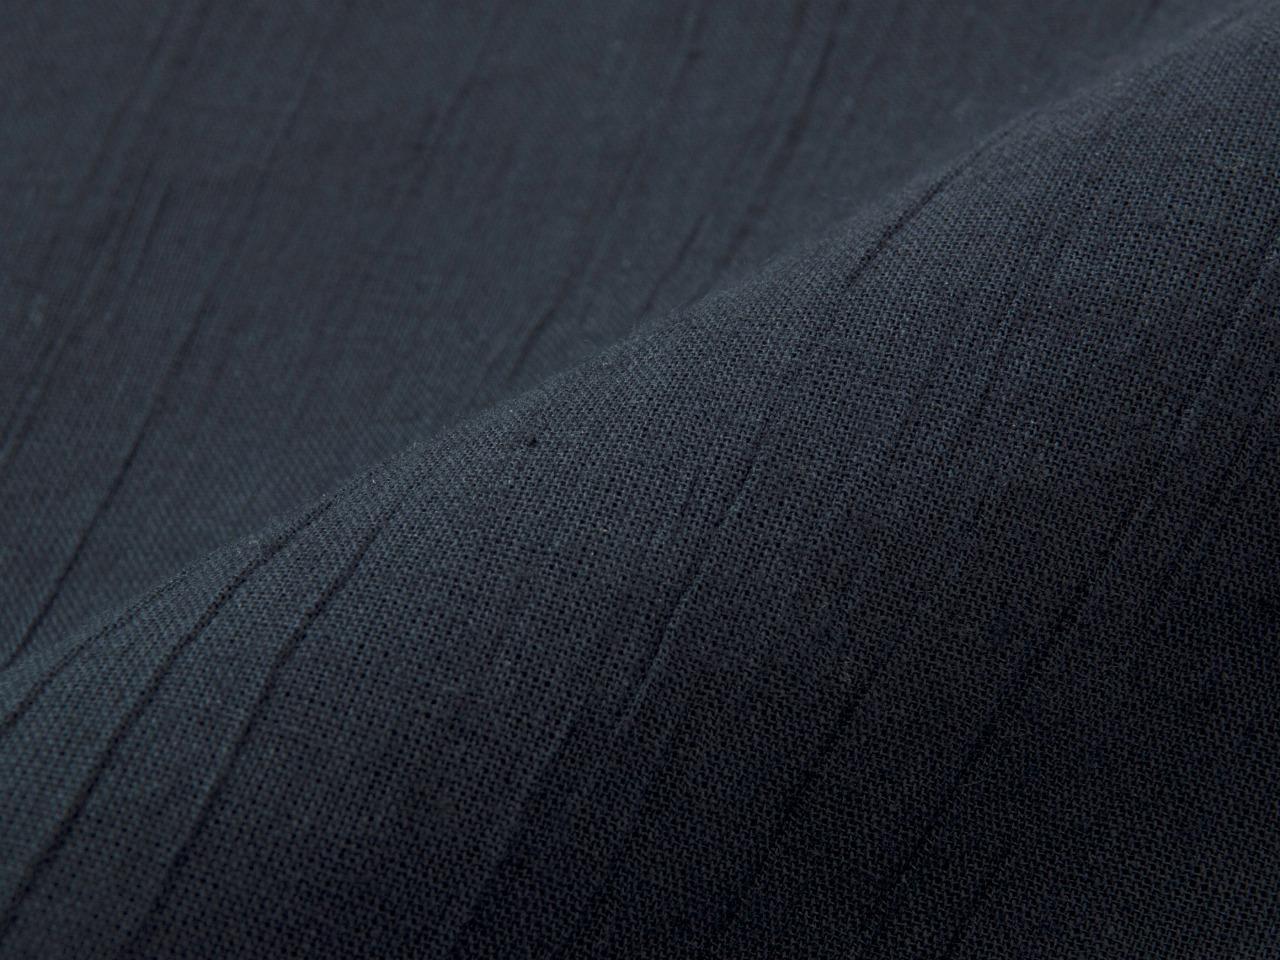 綿麻楊柳甚平(日本製) 濃紺